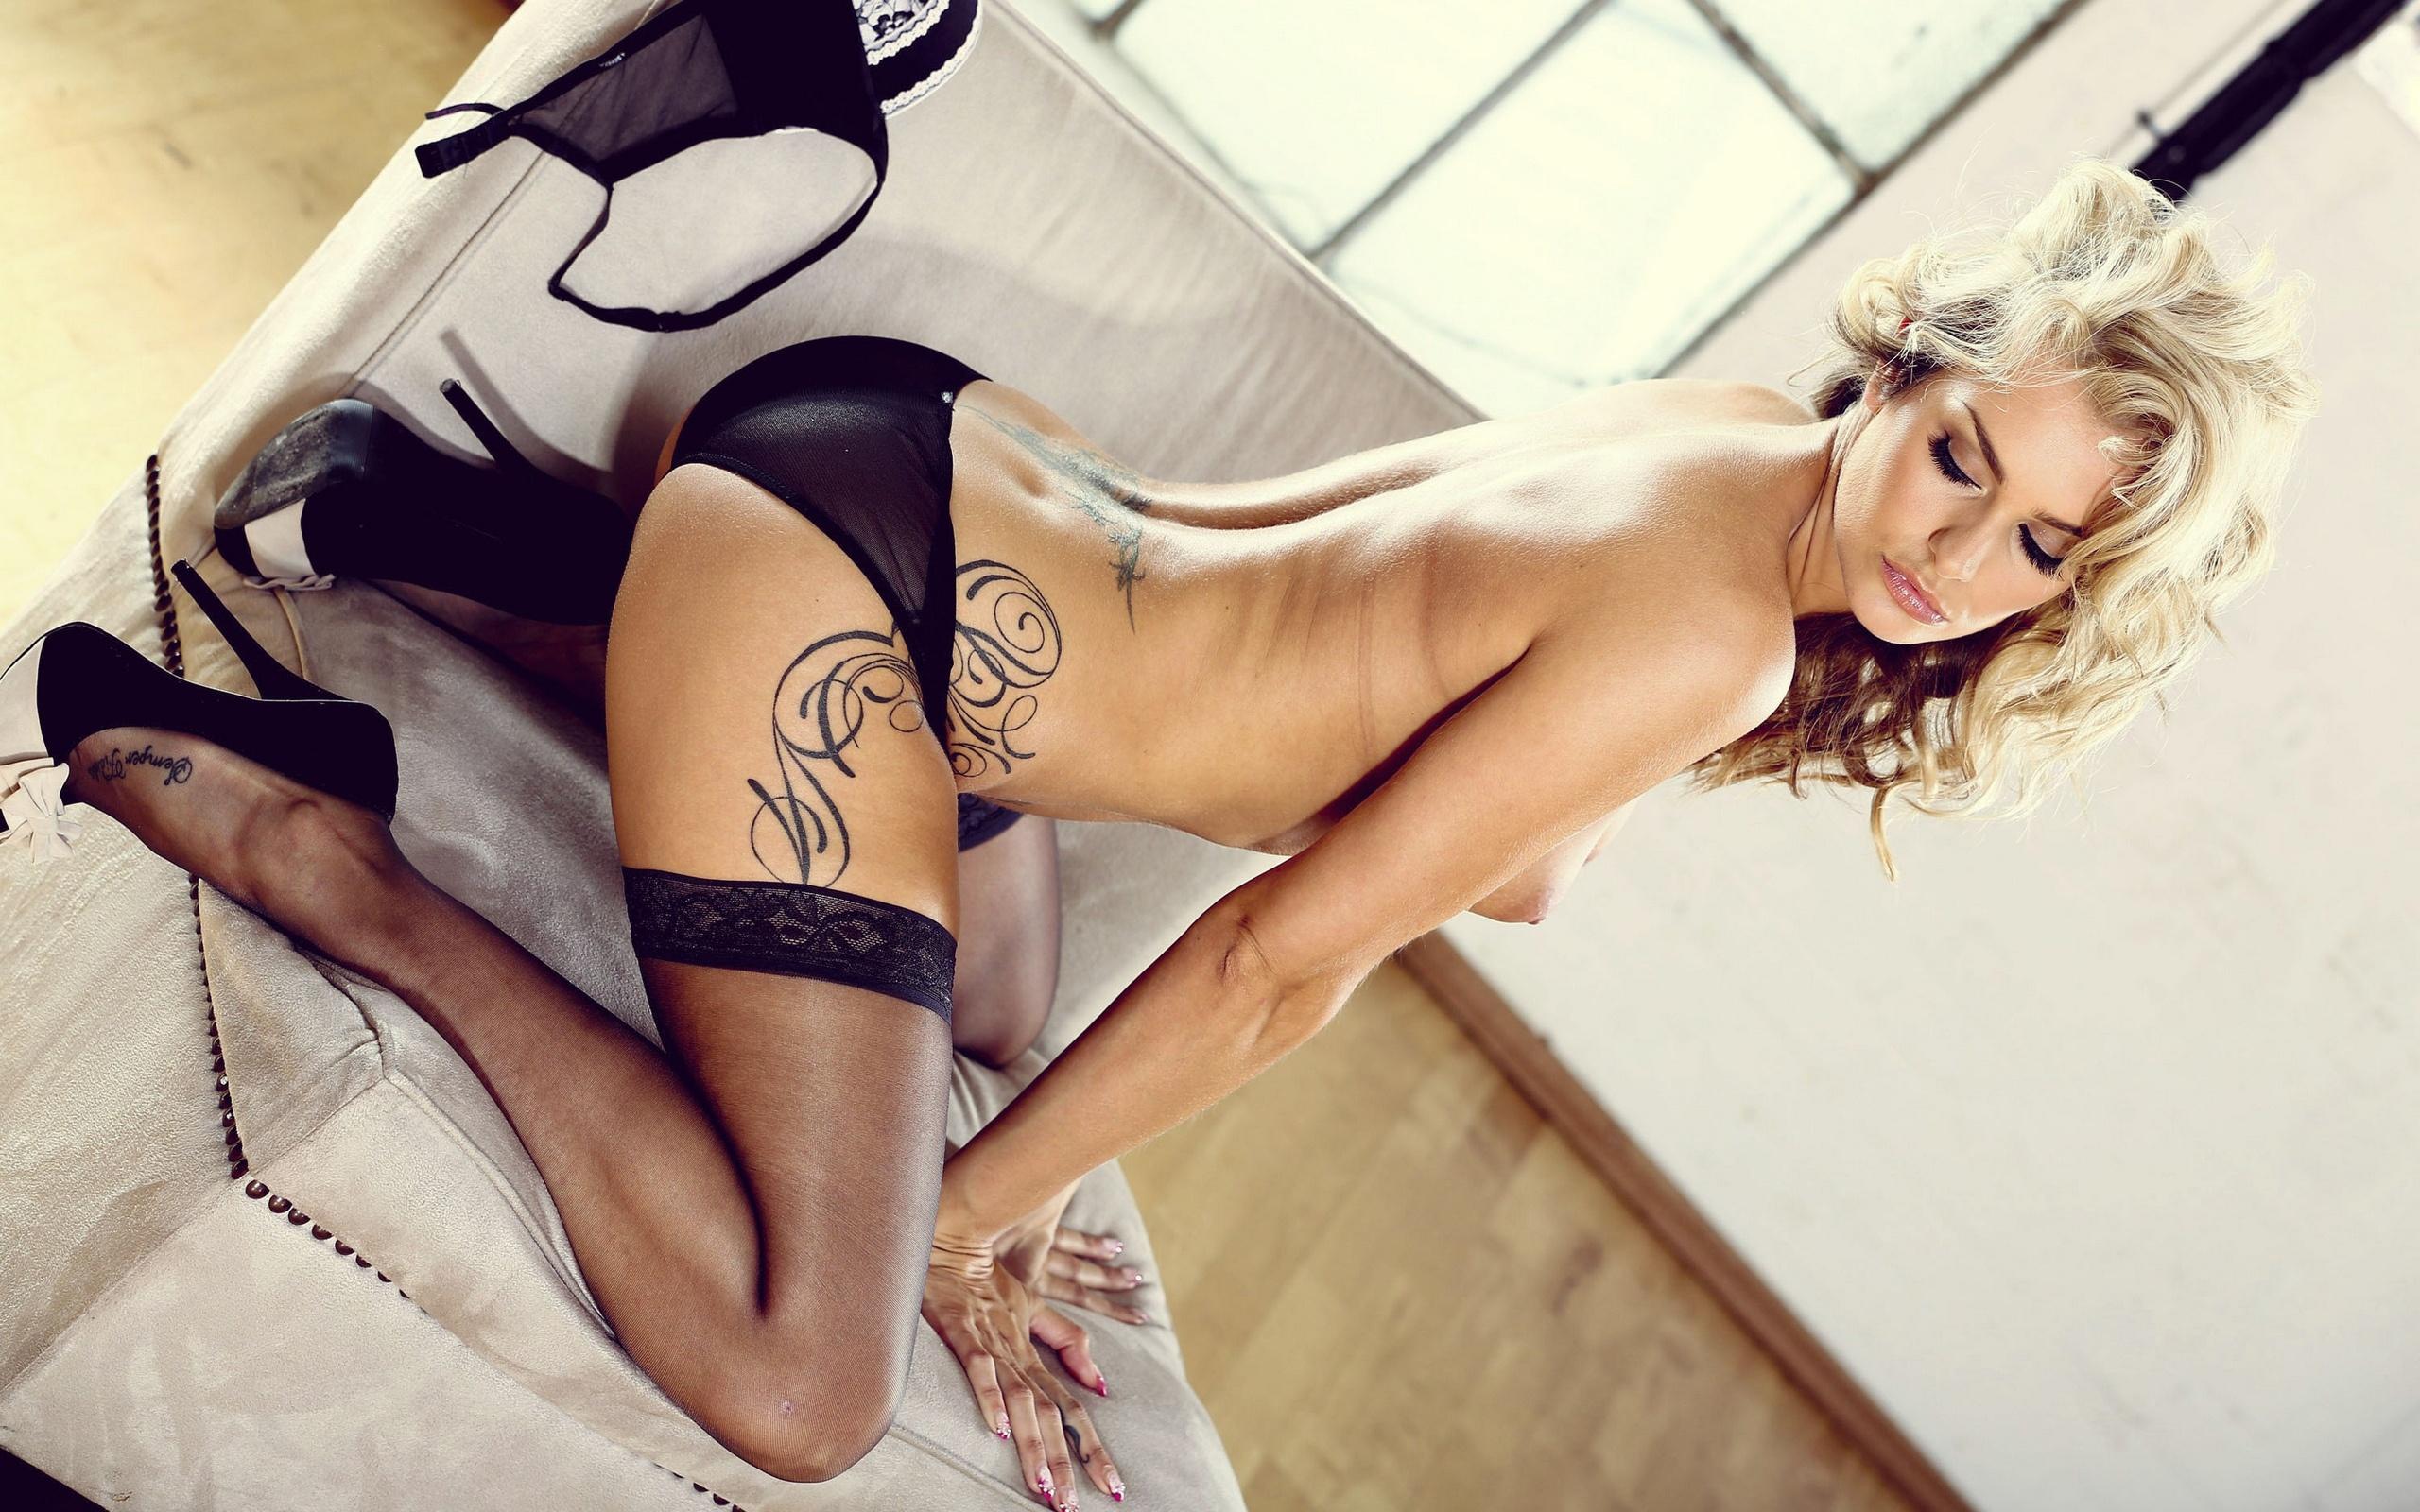 Natasha marley naked